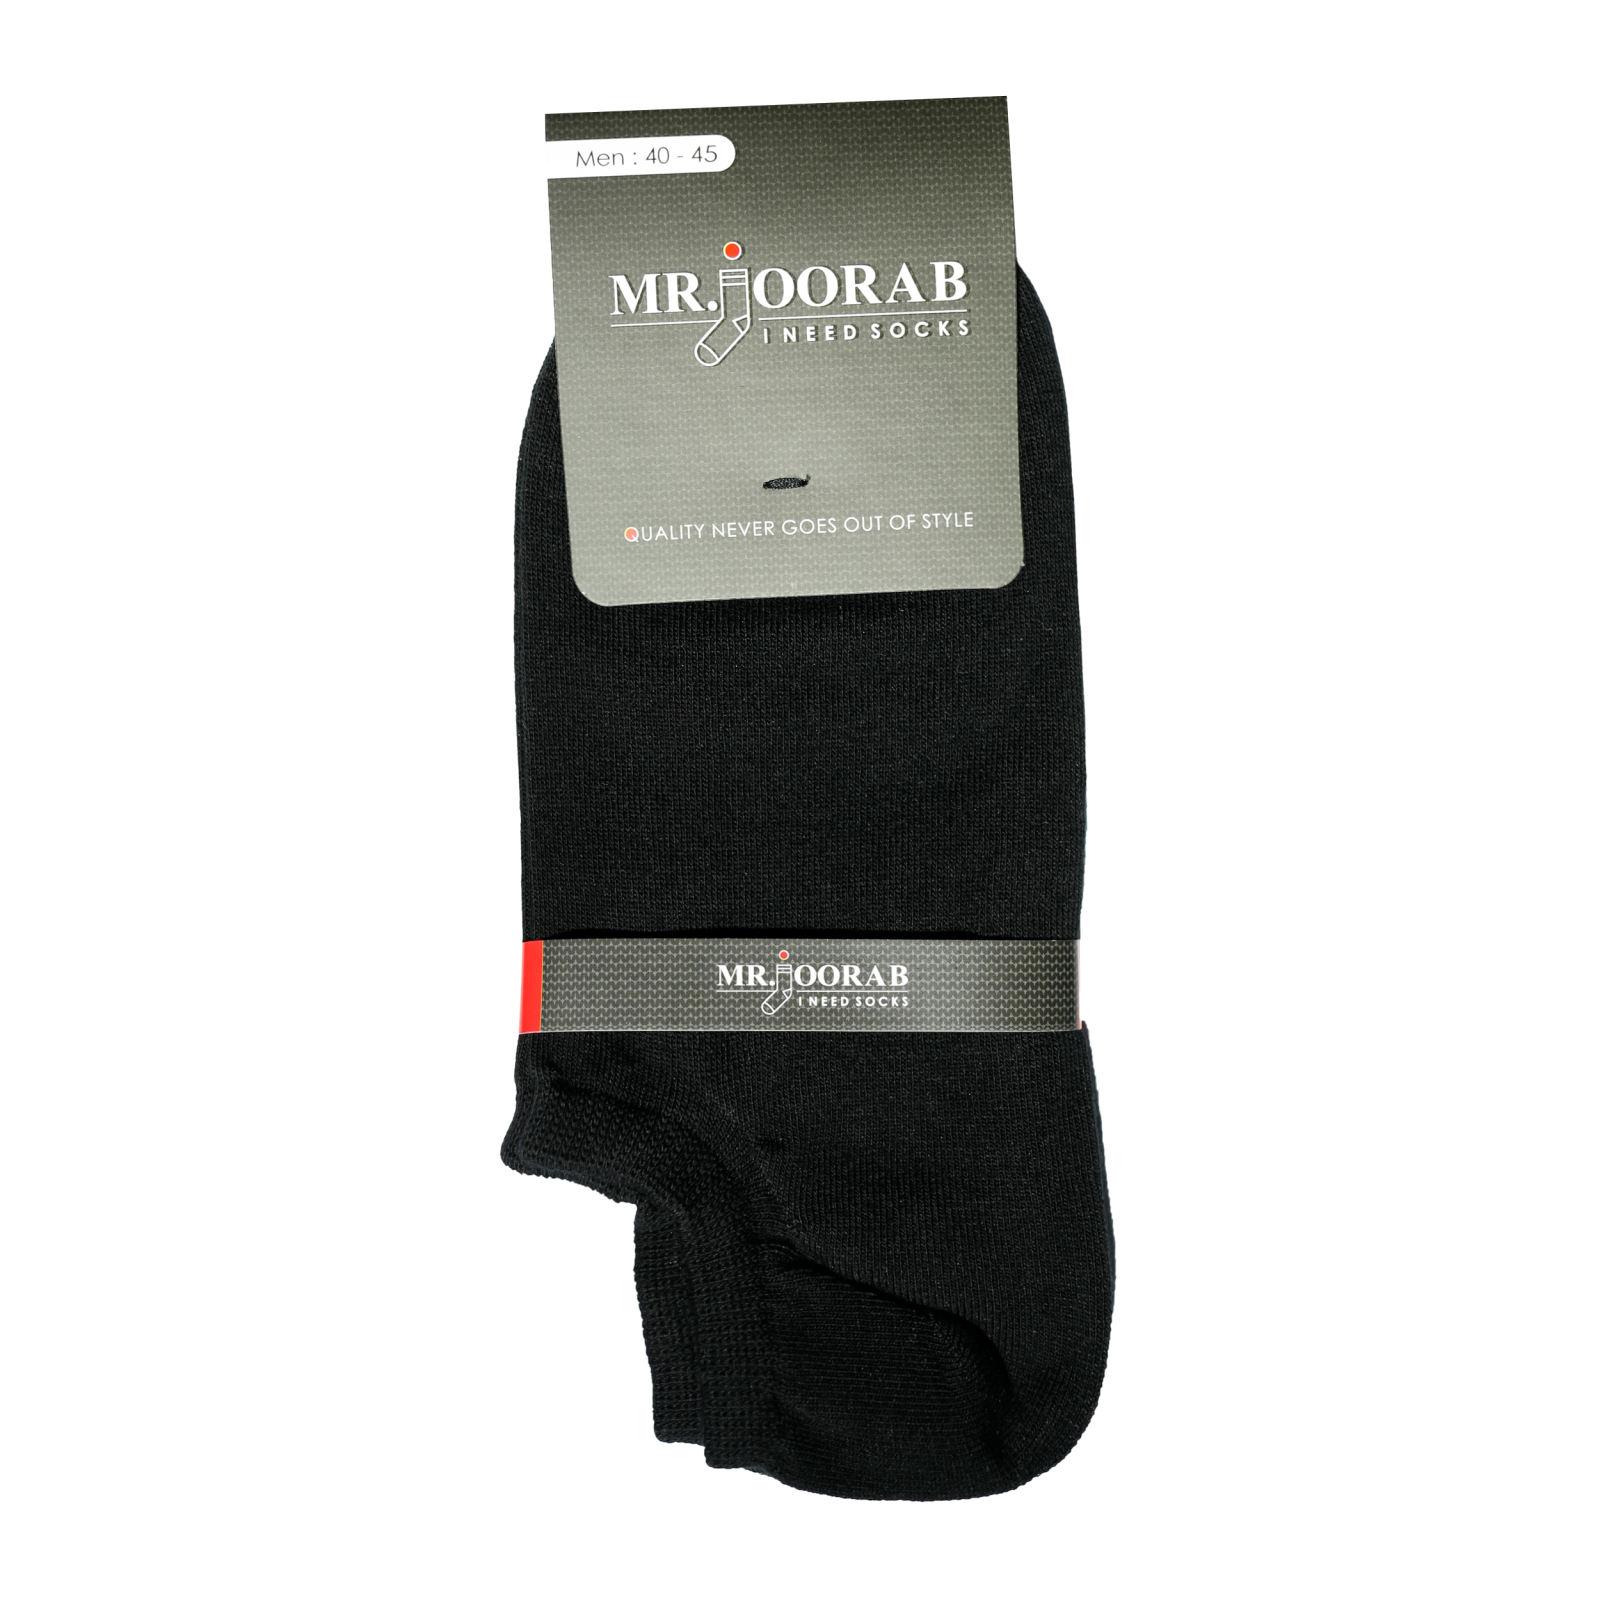 جوراب مردانه مستر جوراب کد BL-MRM 117 مجموعه 6 عددی -  - 4